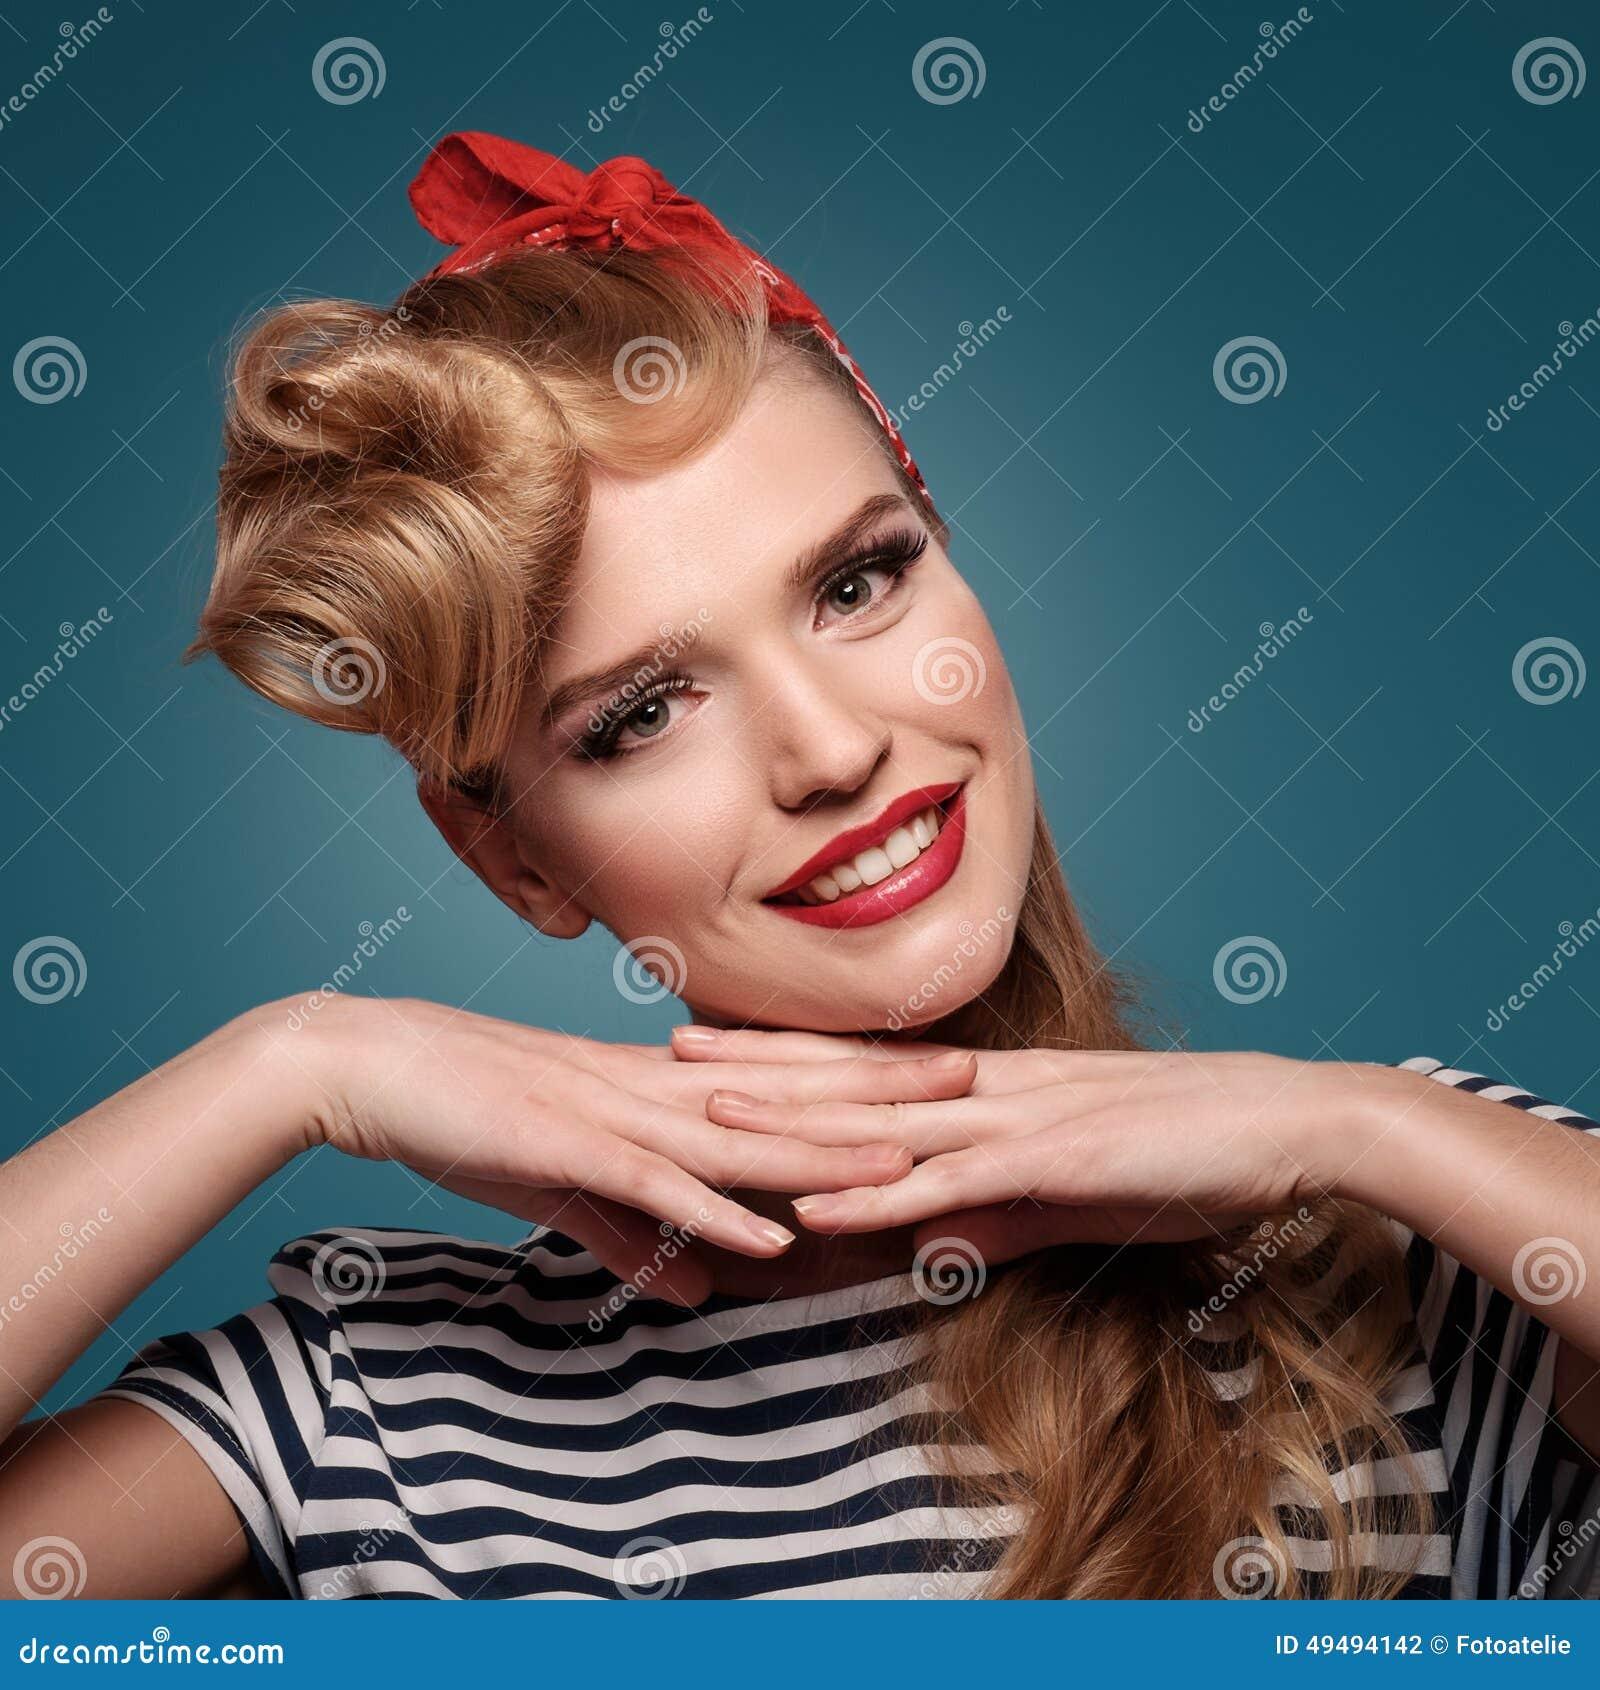 Piękna pinup uśmiechnięta dziewczyna na błękitnym tle